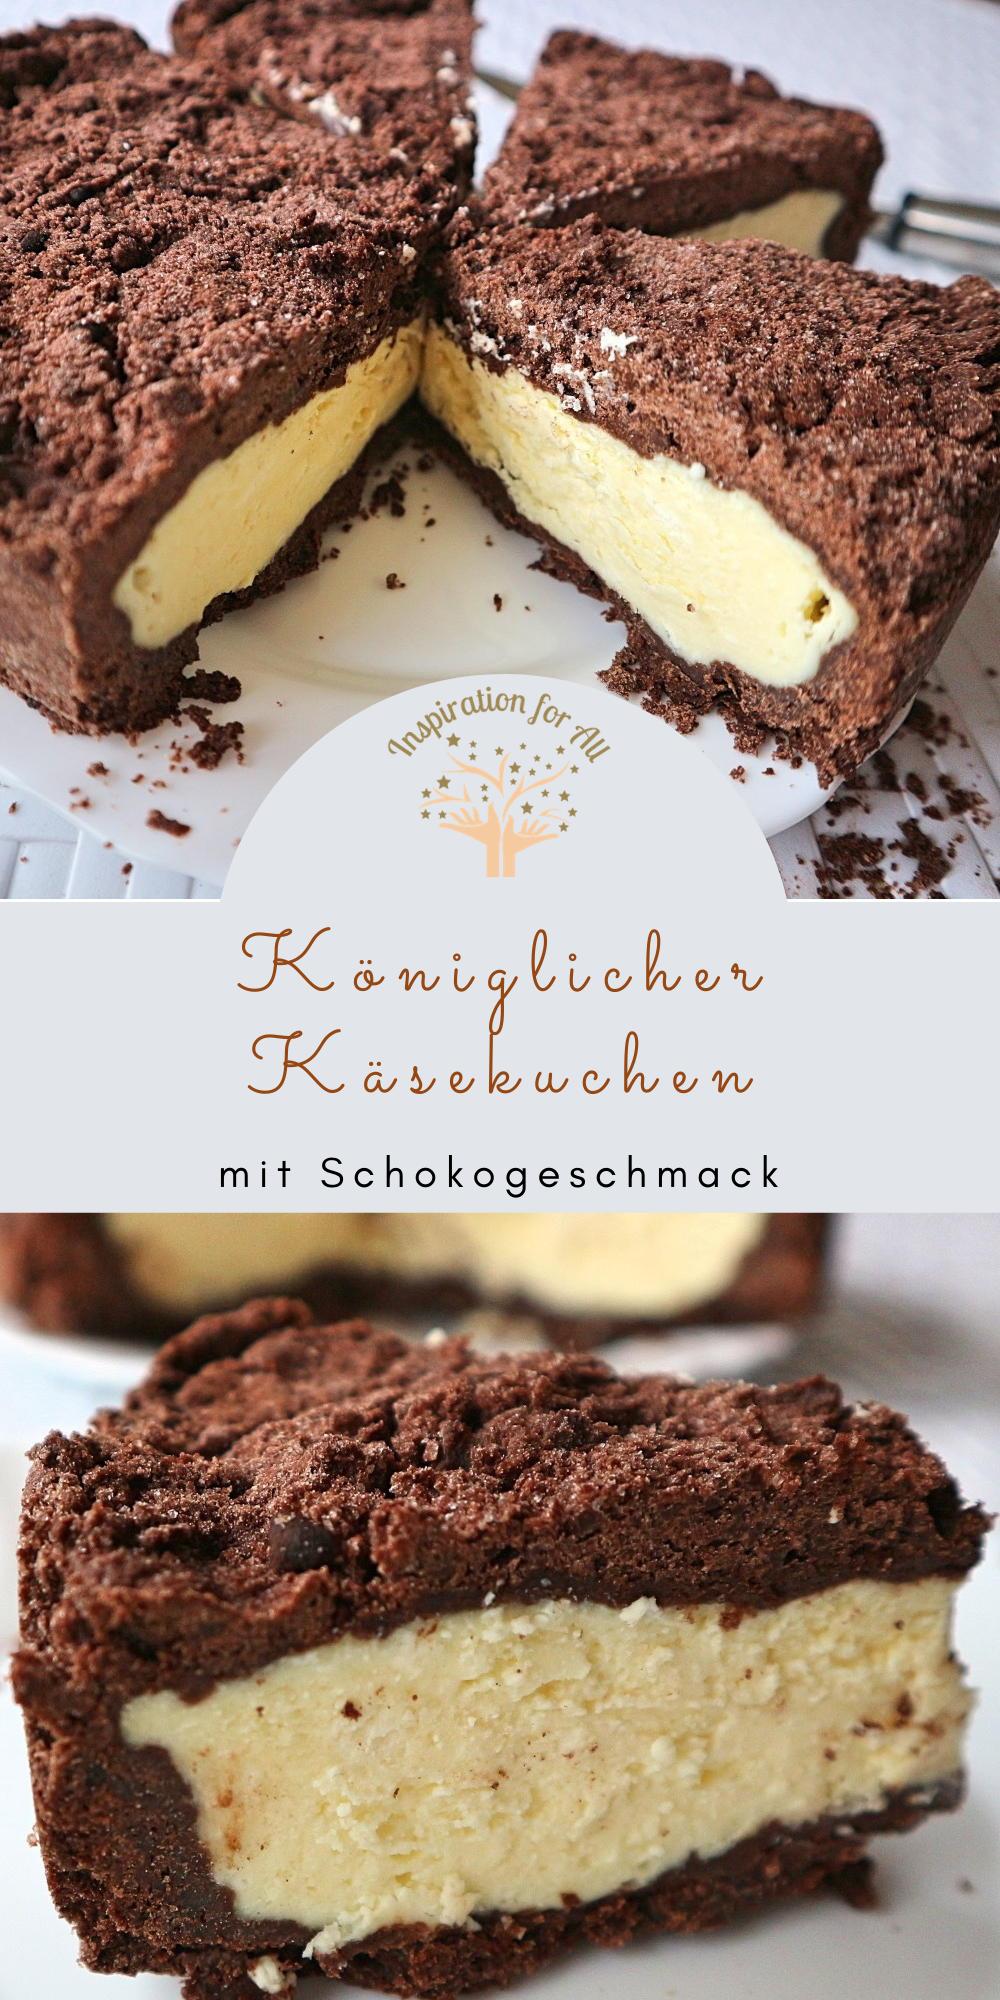 Königlicher Käsekuchen mit Schoko-Mürbeteig – sehr leckeres Rezept